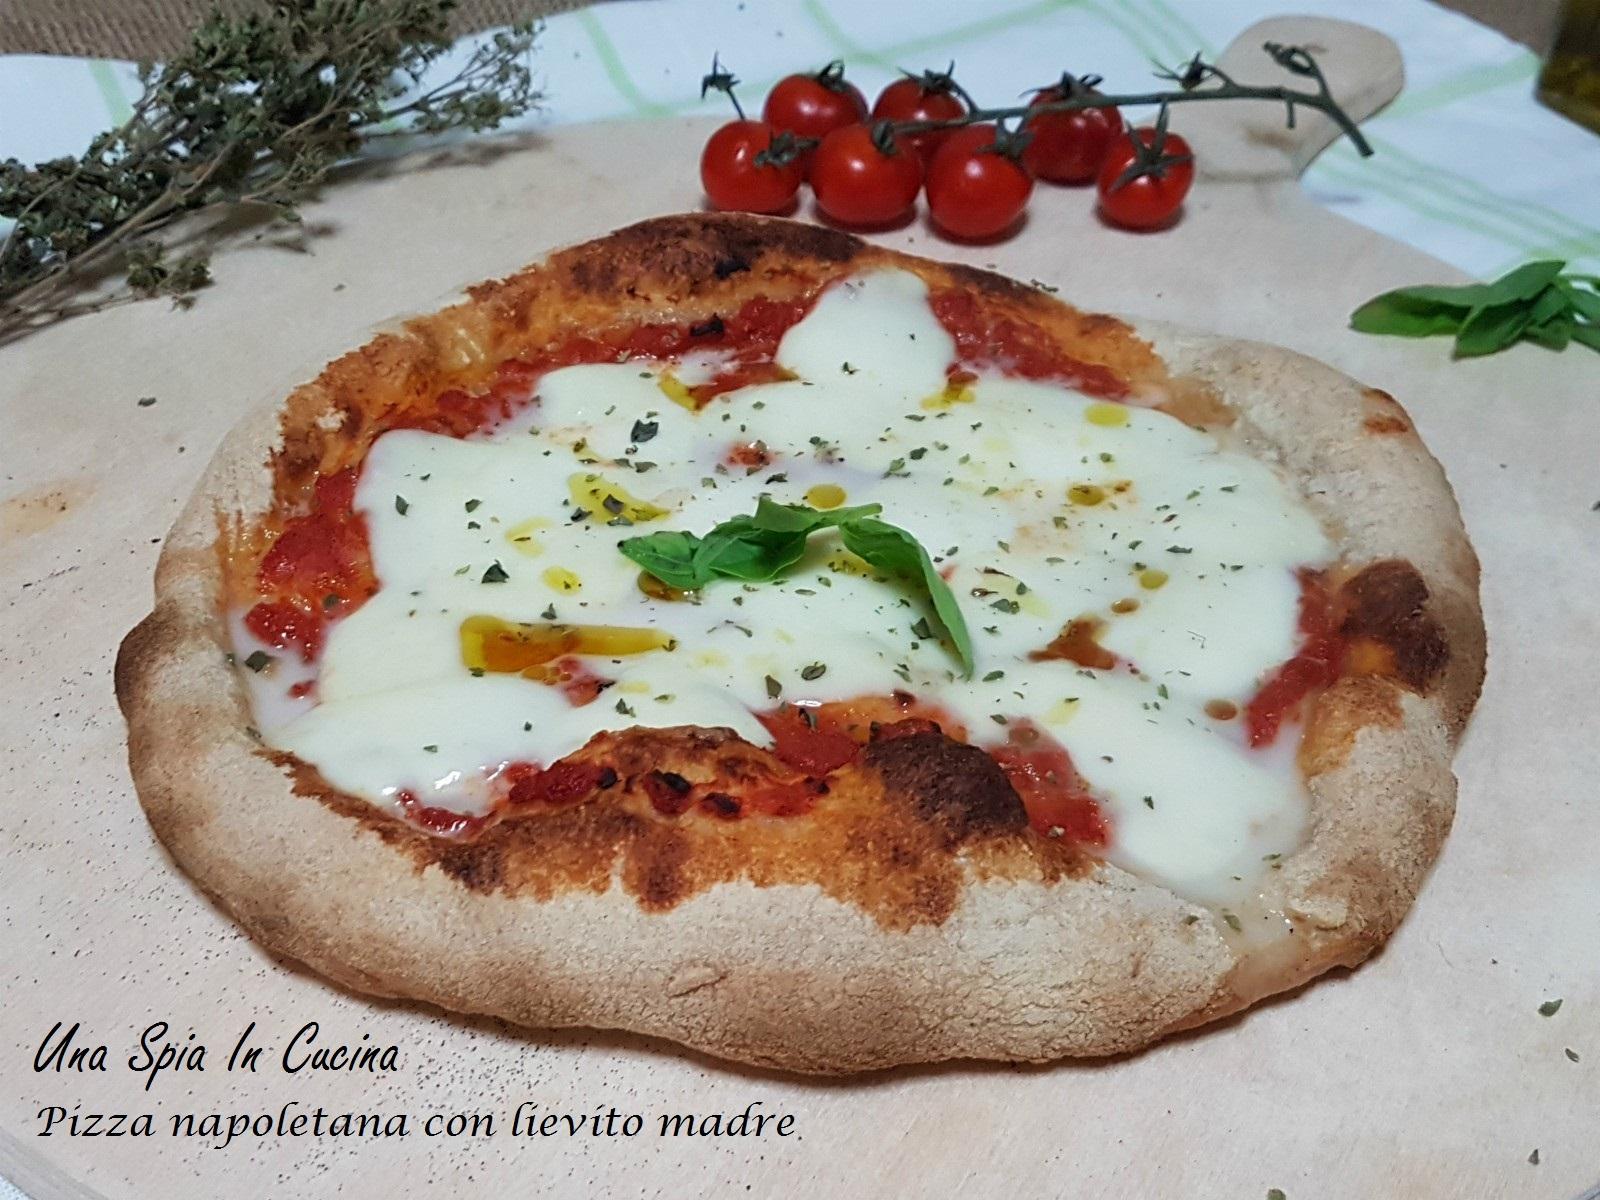 Ricetta Impasto Pizza Napoletana Planetaria.Pizza Napoletana Con Lievito Madre Una Spia In Cucina